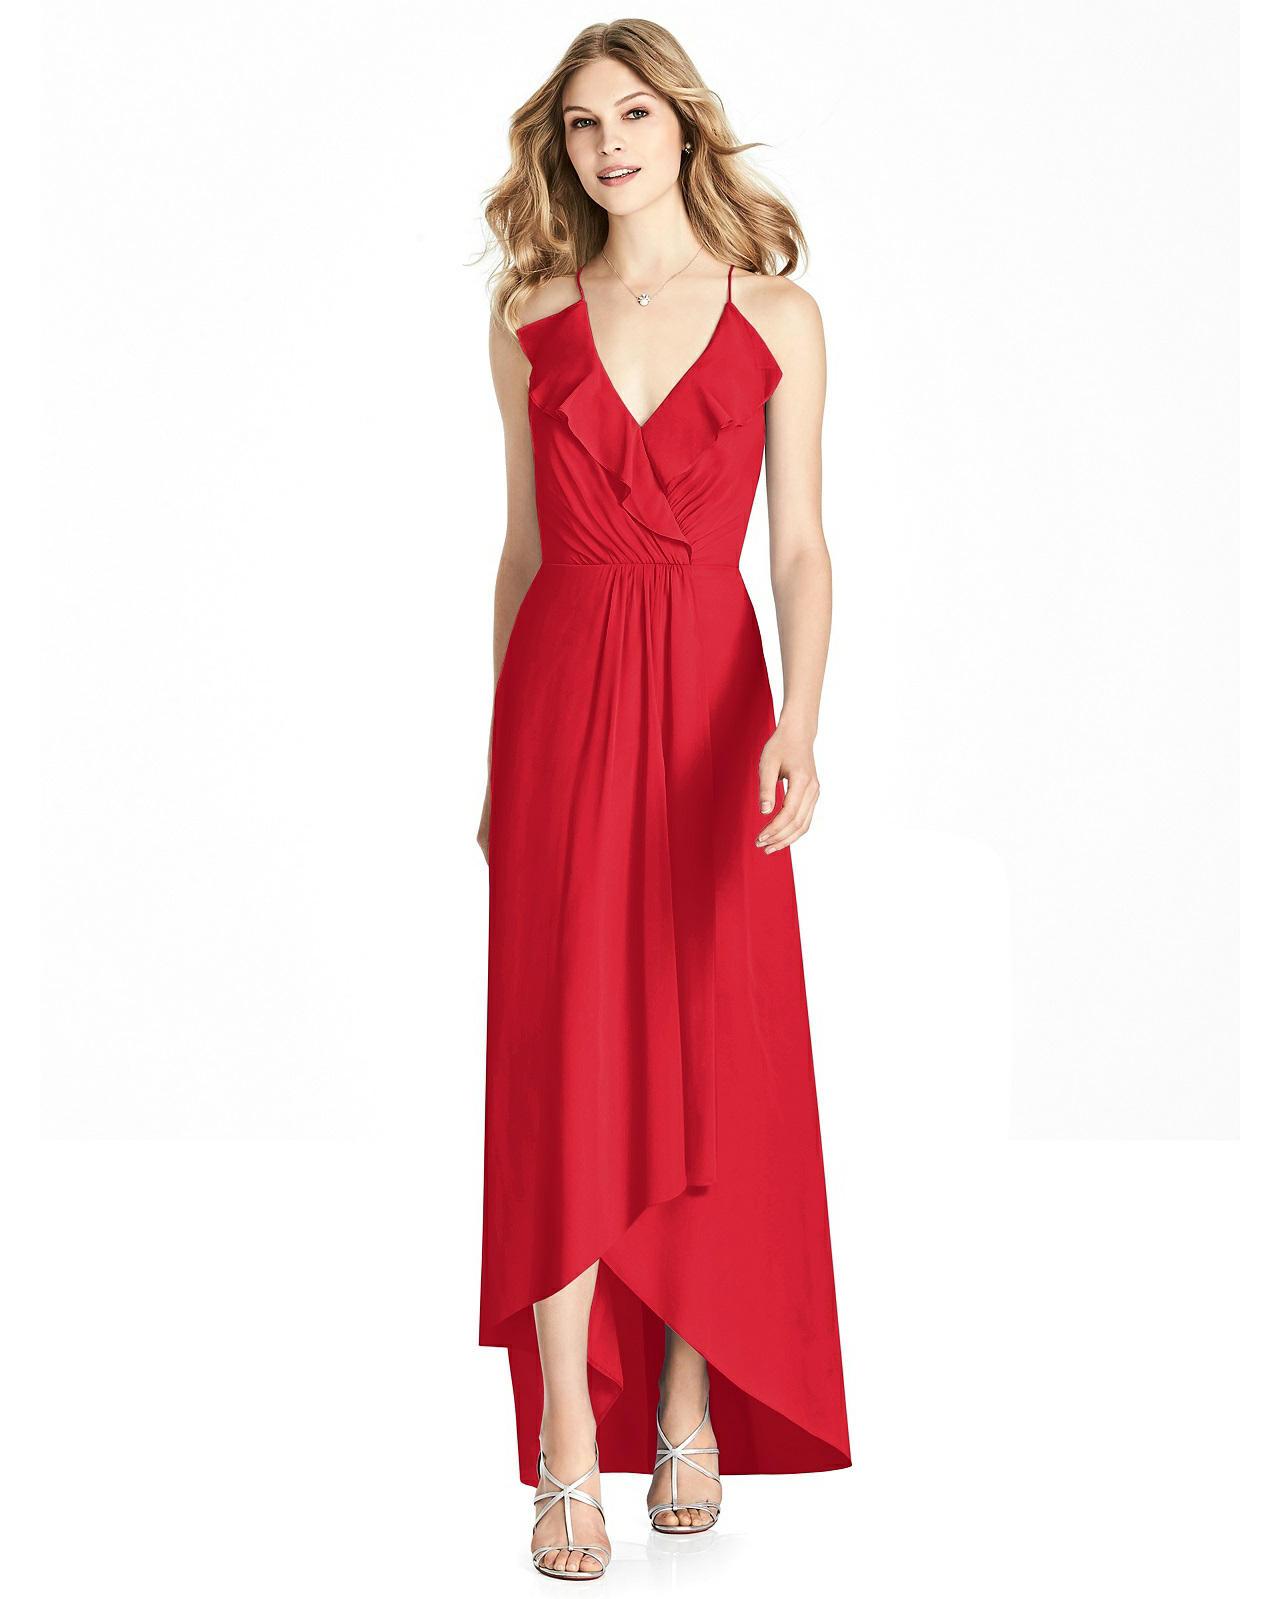 high low Chiffon Dress in Parisian Red